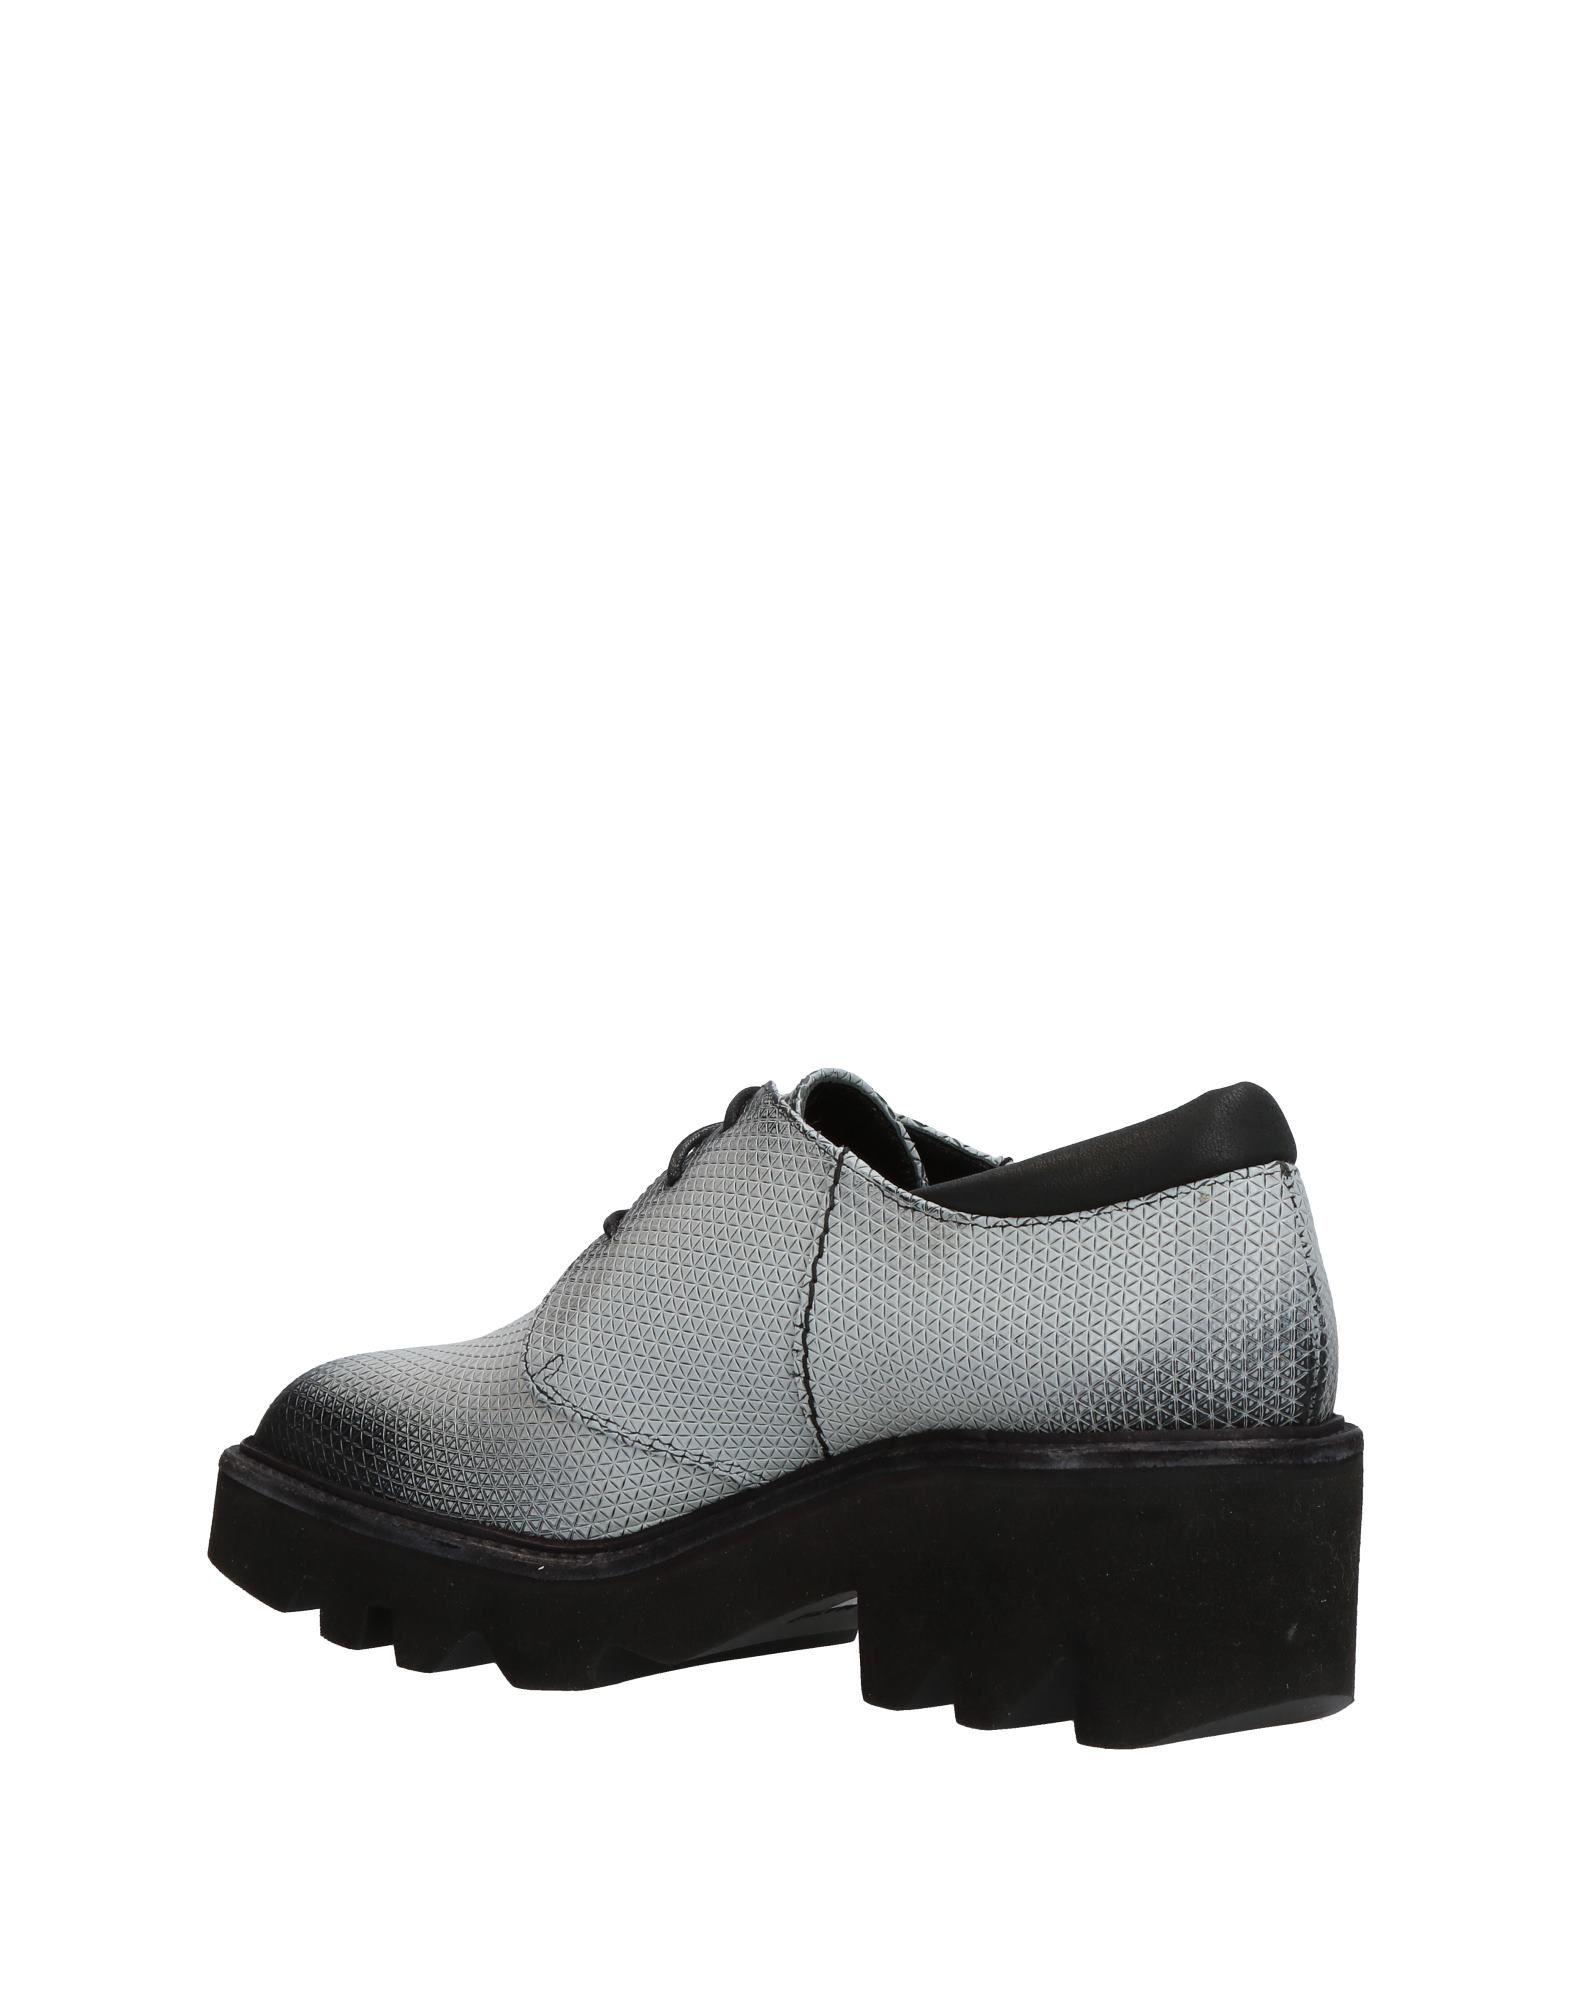 87 Vic Matiē Schnürschuhe strapazierfähige Damen  11342102GHGut aussehende strapazierfähige Schnürschuhe Schuhe 2a17c0